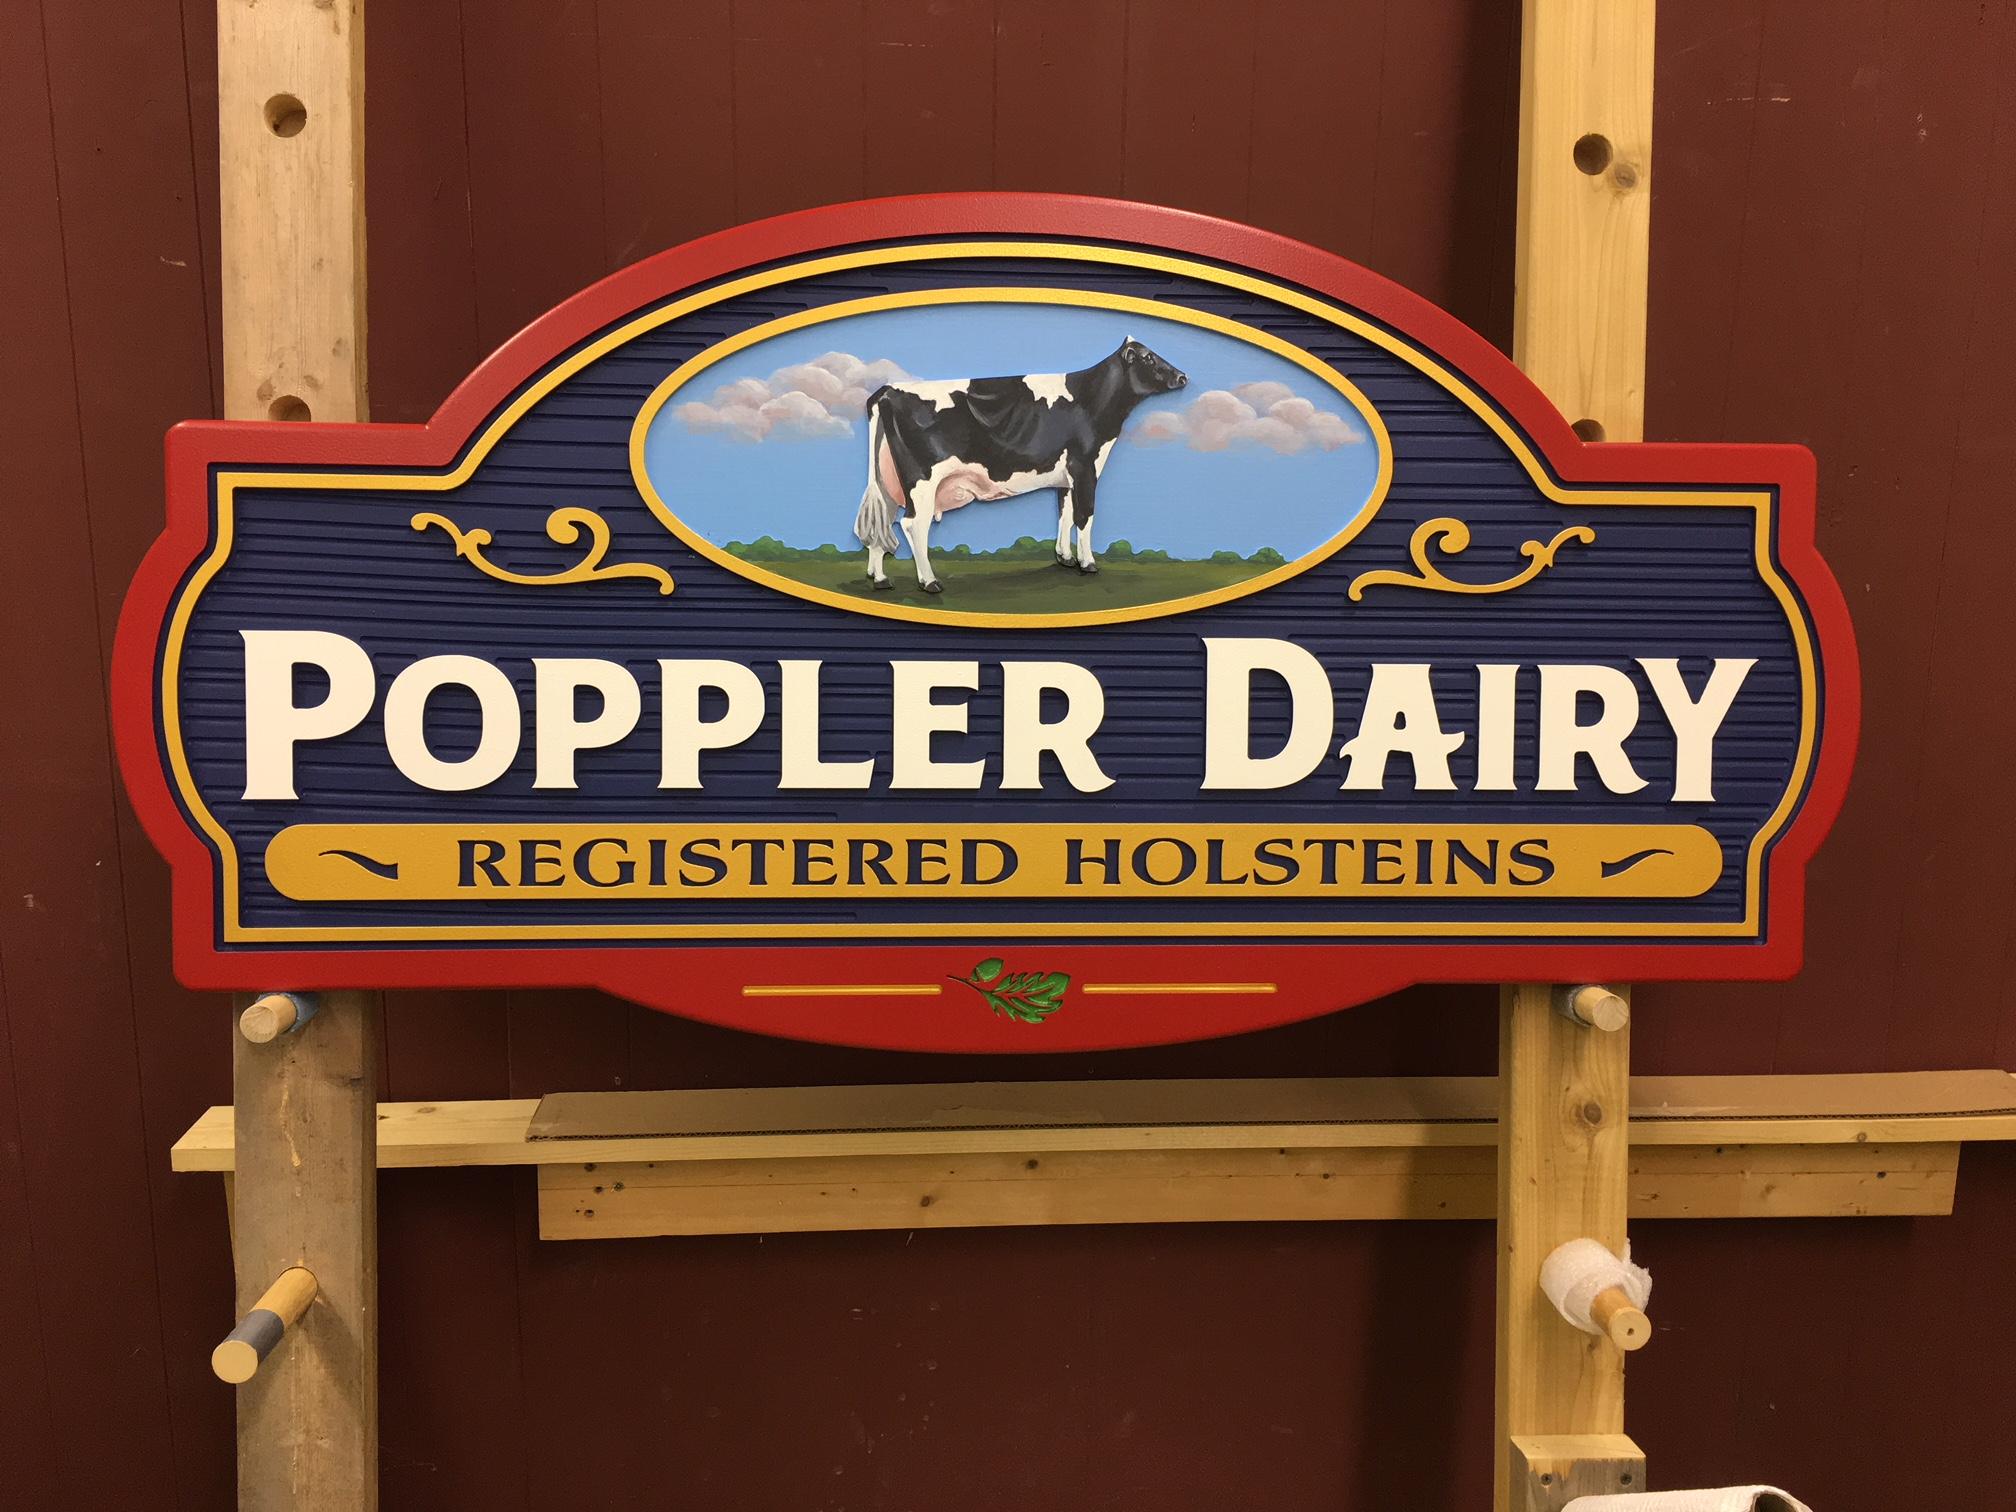 Poppler Dairy